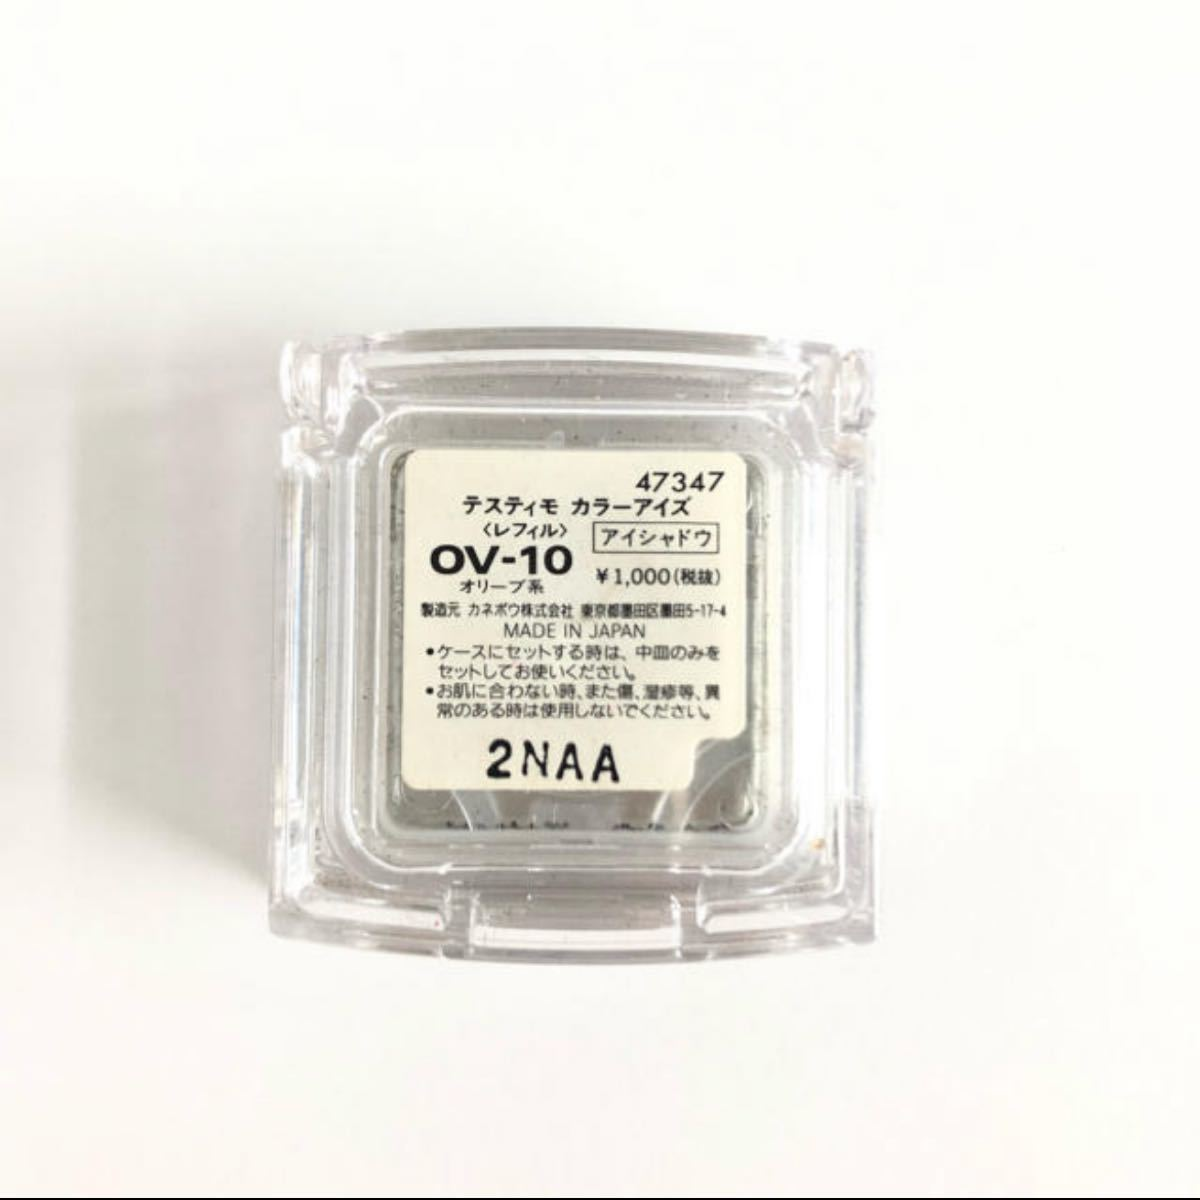 カネボウ テスティモ カラーアイズ アイシャドウ オリーブグリーン OV-10